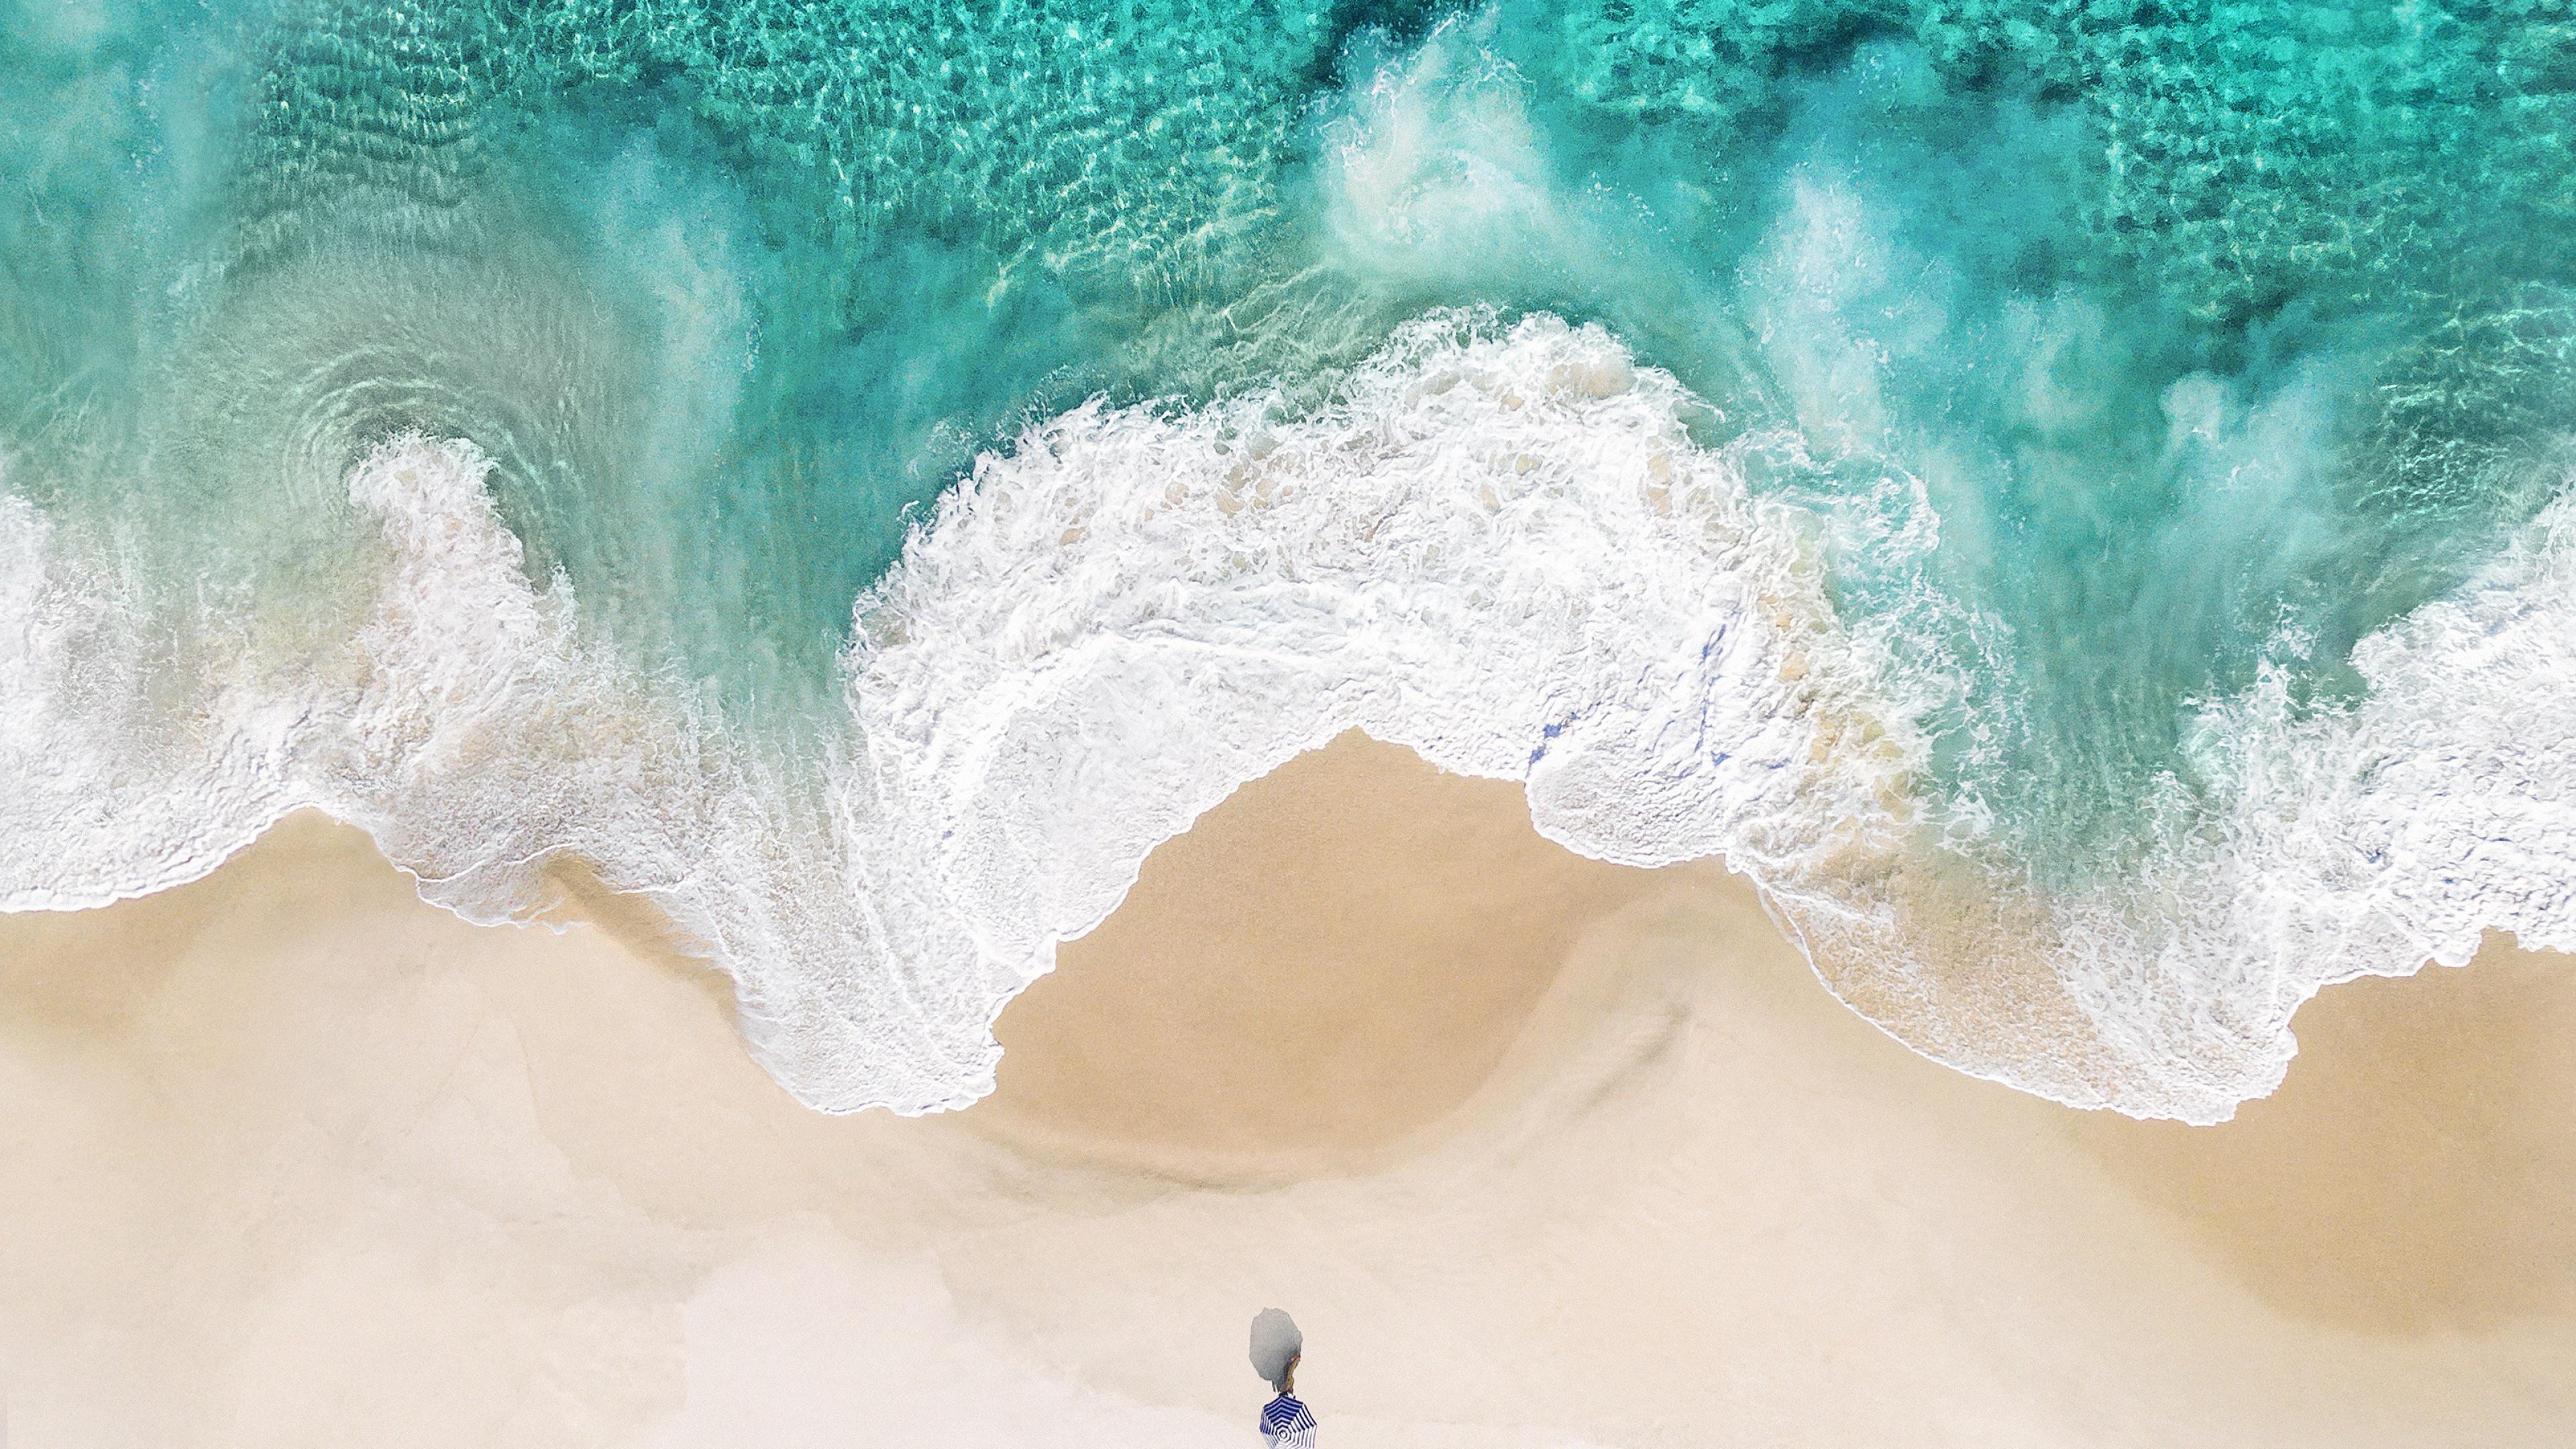 Beach 4k Wallpaper Aerial View Ocean Ios 10 Stock Nature 780